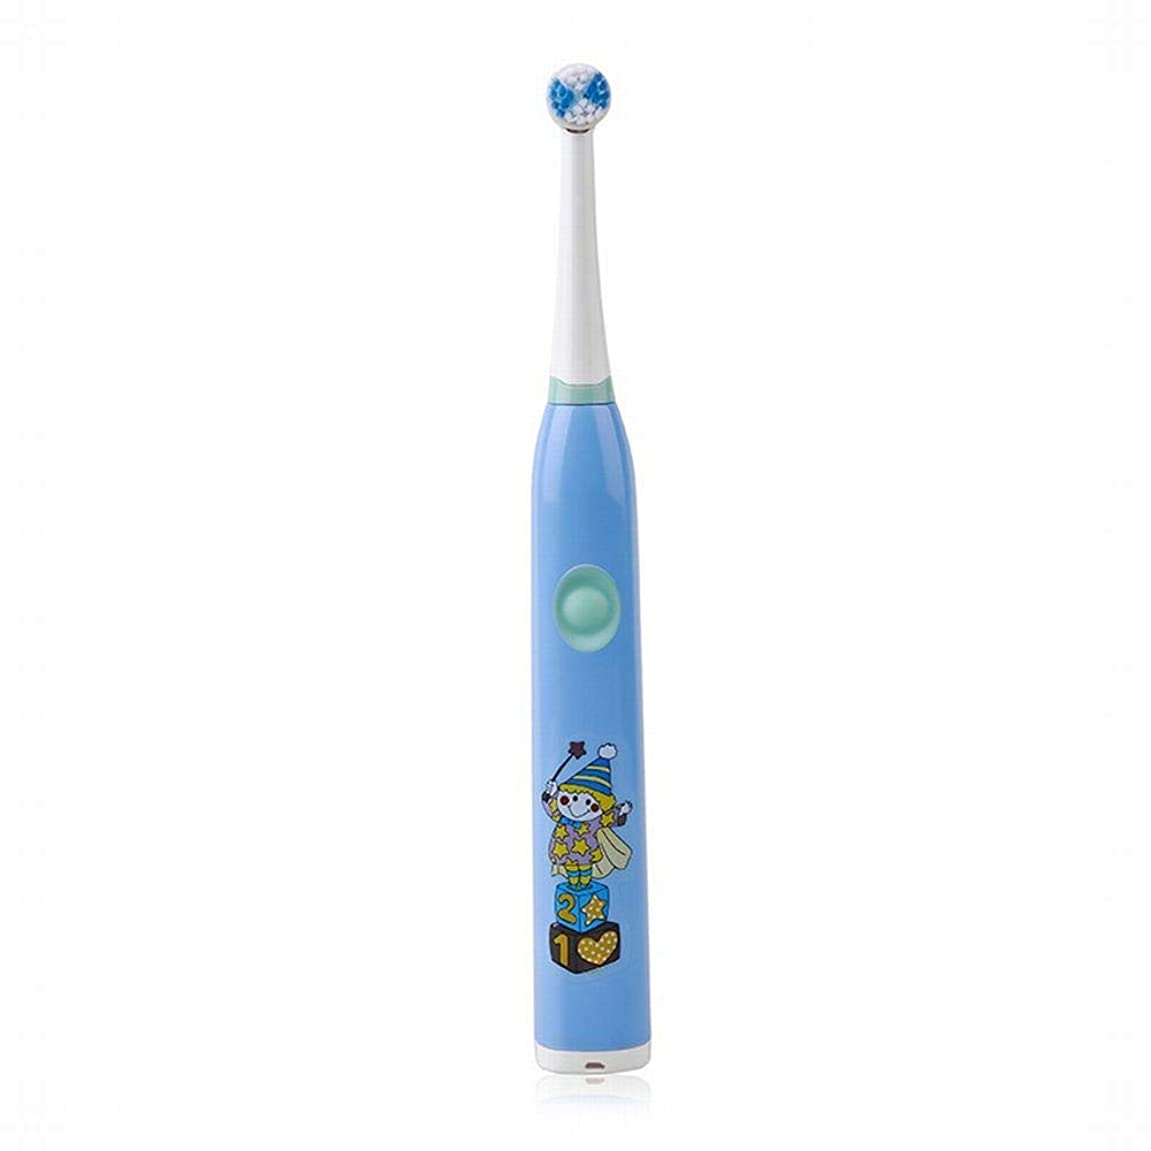 エゴイズムモールソーシャルLKJASDHL USB充電式キッズ音楽全自動歯ブラシソニック電動歯ブラシ歯ブラシヘッド電動歯ブラシヘッド交換用歯ブラシヘッドバッテリー歯ブラシ (色 : 青)